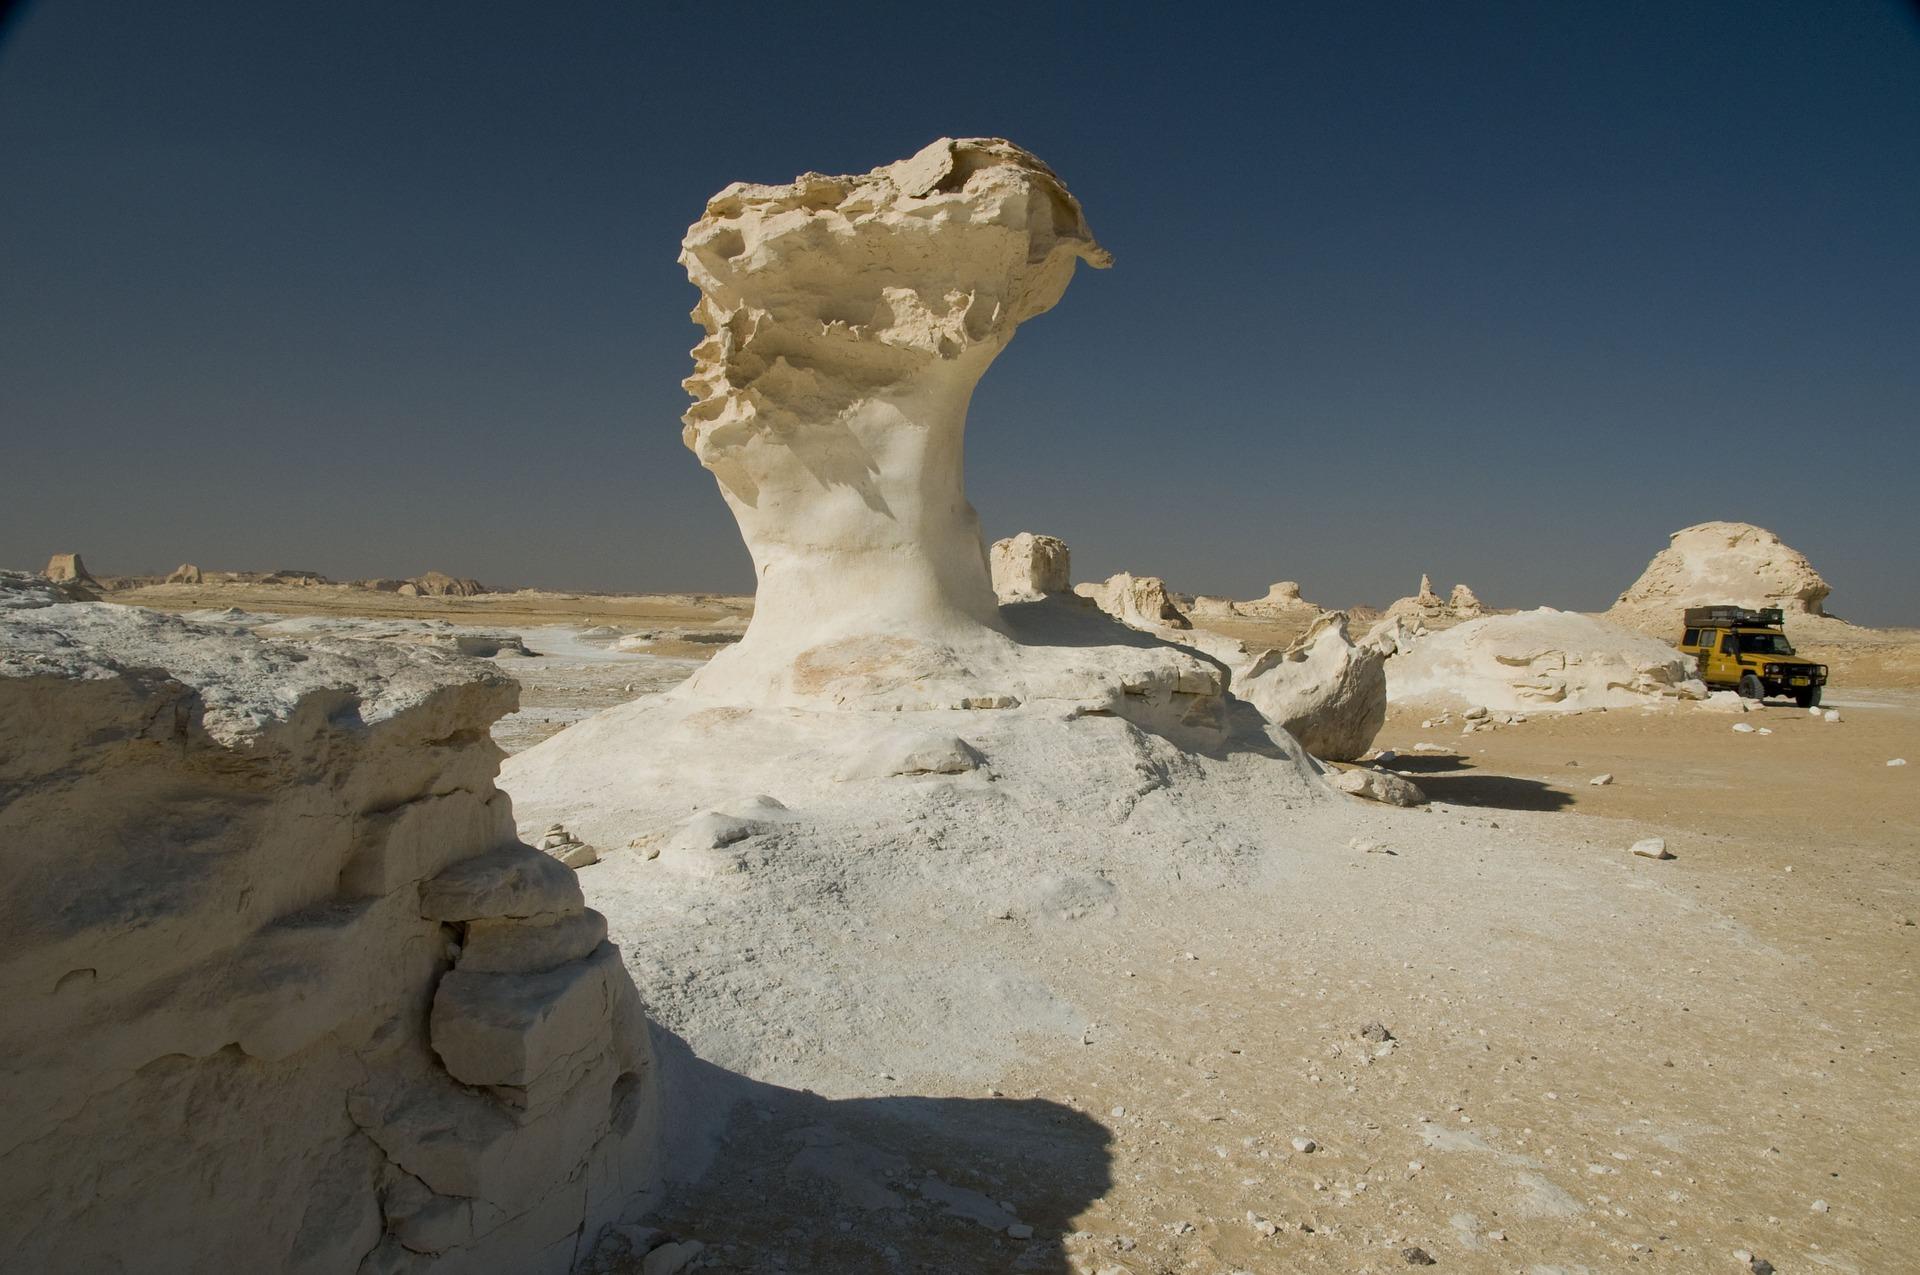 desert-657728_1920